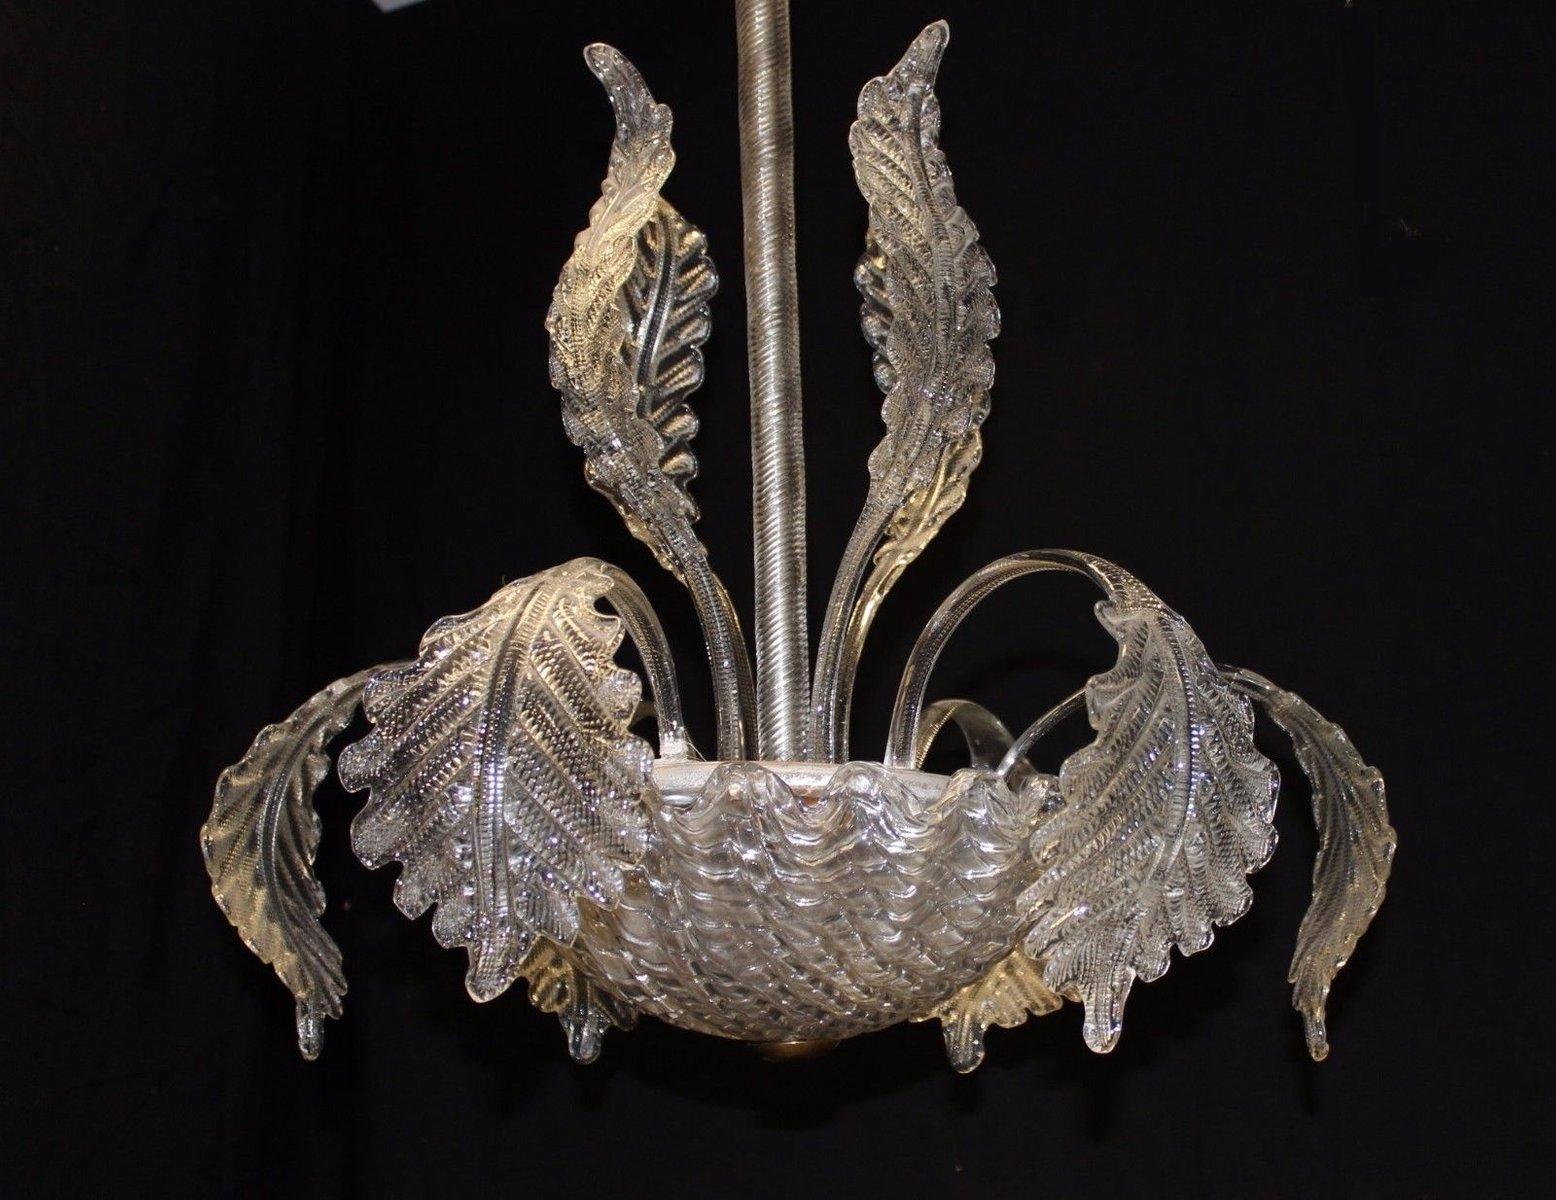 Kronleuchter Murano Glas ~ Großhandel mundgeblasenem murano glas kunst kronleuchter